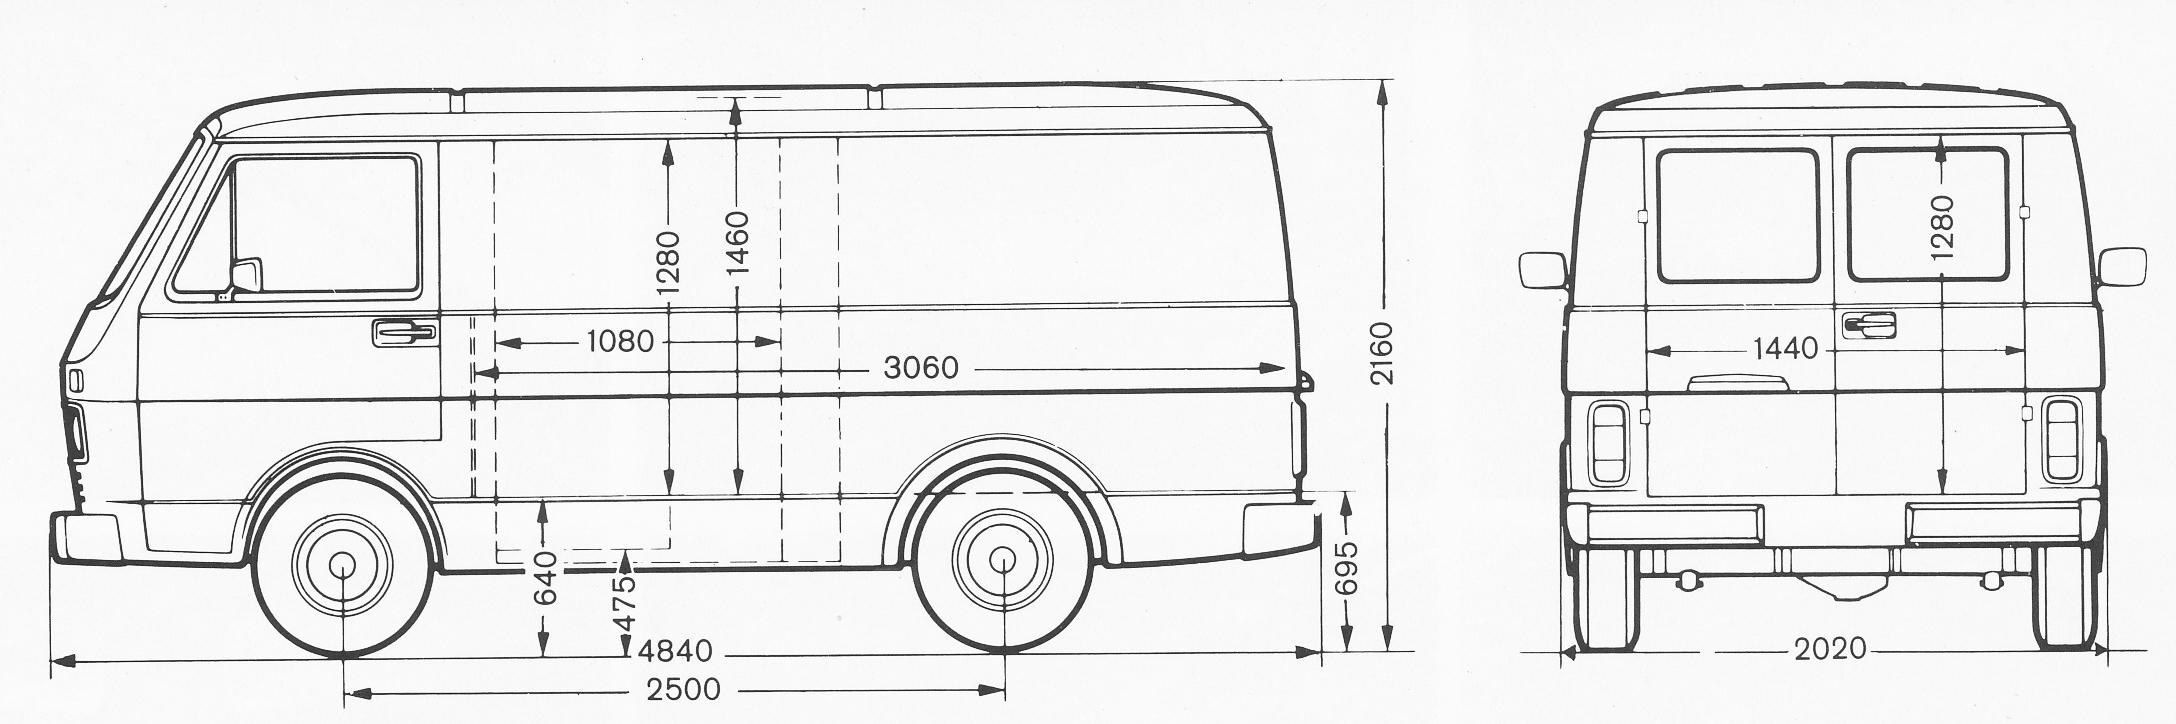 Volkswagen Lt 1976 Blueprint Download Free Blueprint For